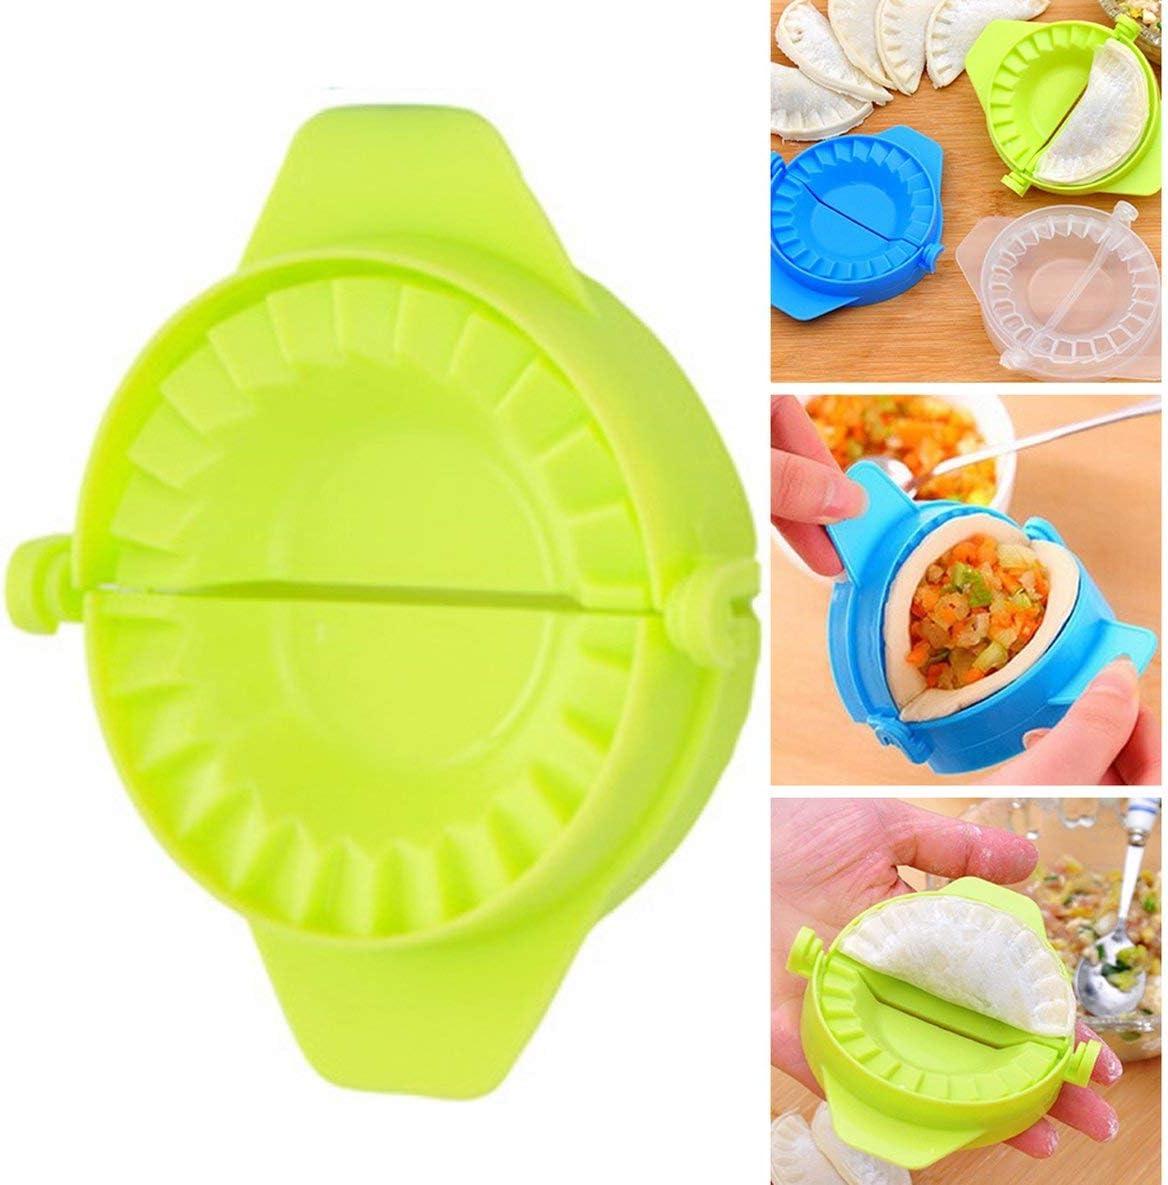 Vert Dumplings en Plastique Moule moules de boulette Manuelle Appareil Pack Dumpling Clip Machine Creative Cuisine GadgetsGreen